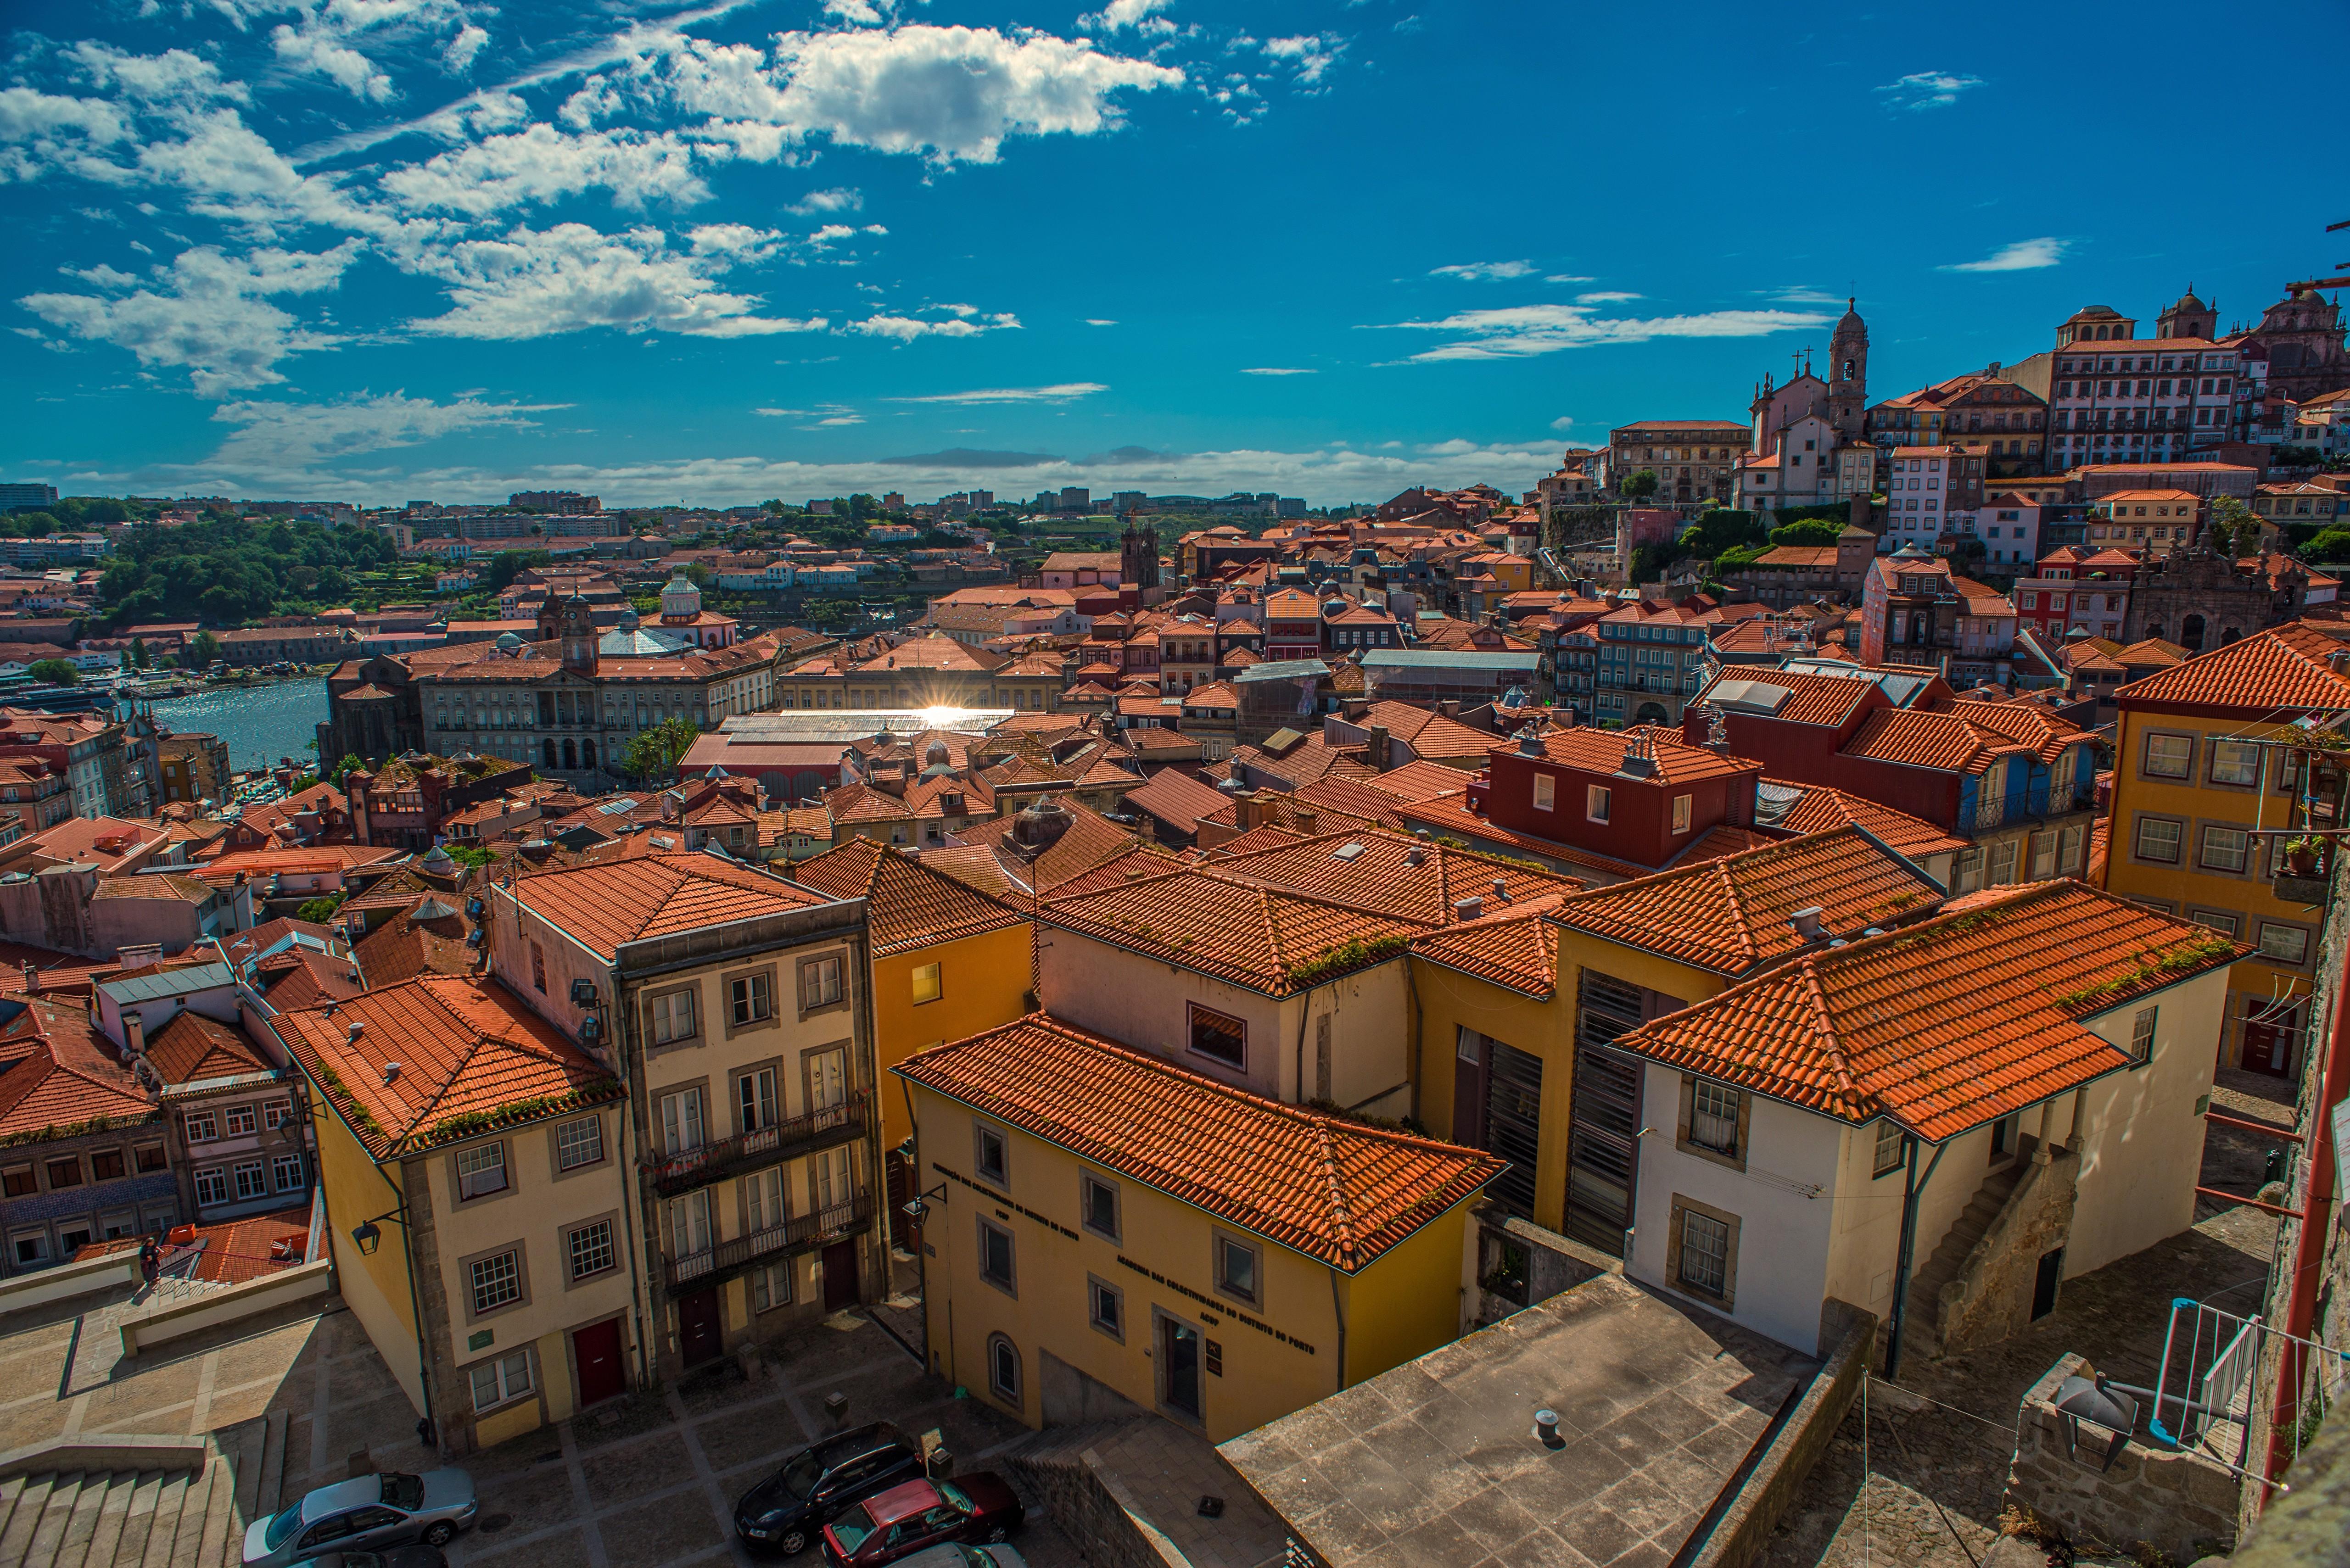 Tapety Porto Portugalia Dach Domy Miasta dachy miasto budynki budynek